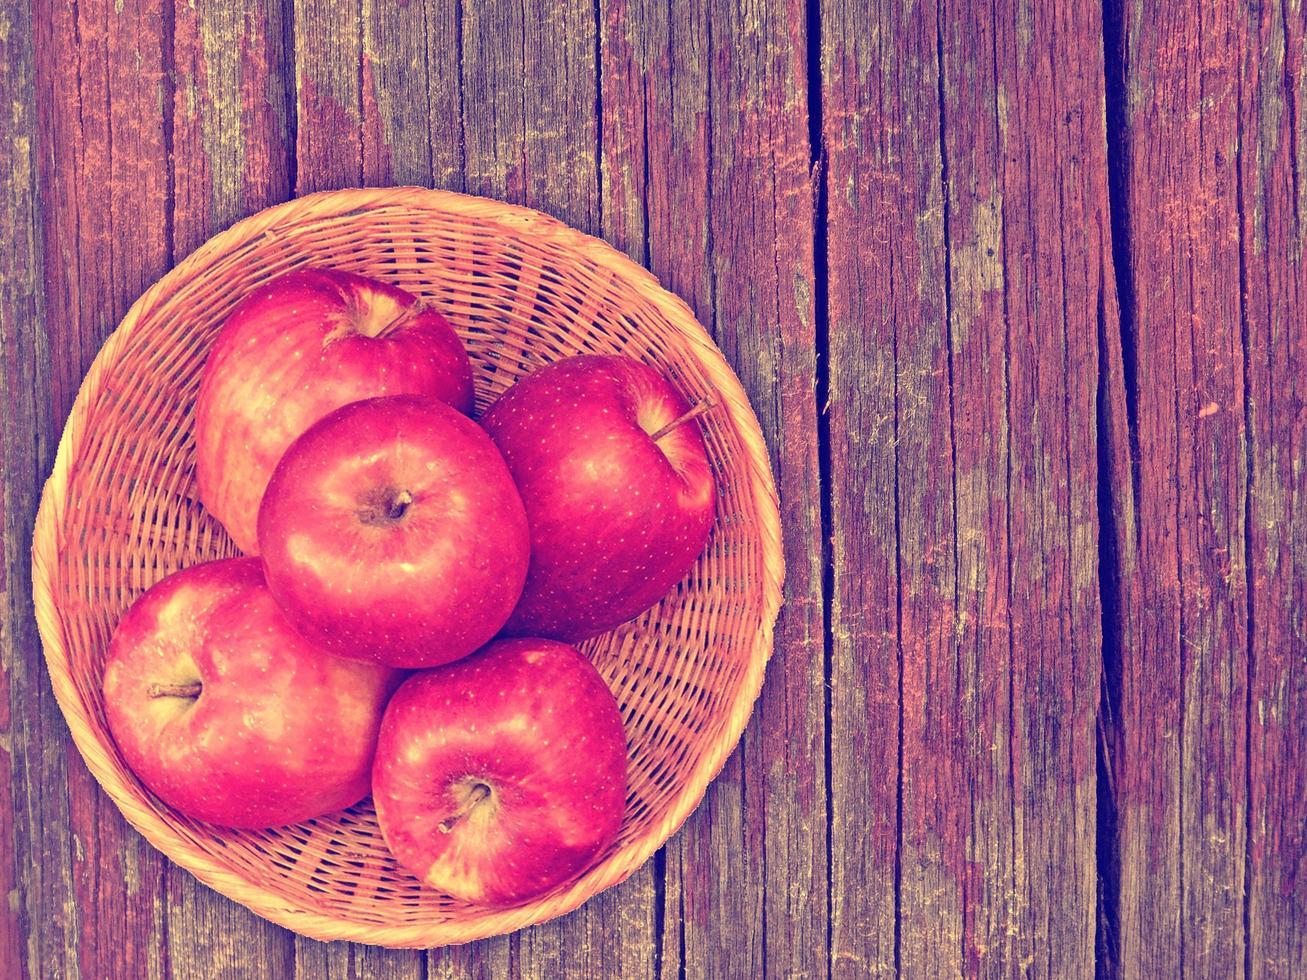 manzanas en el fondo de madera foto